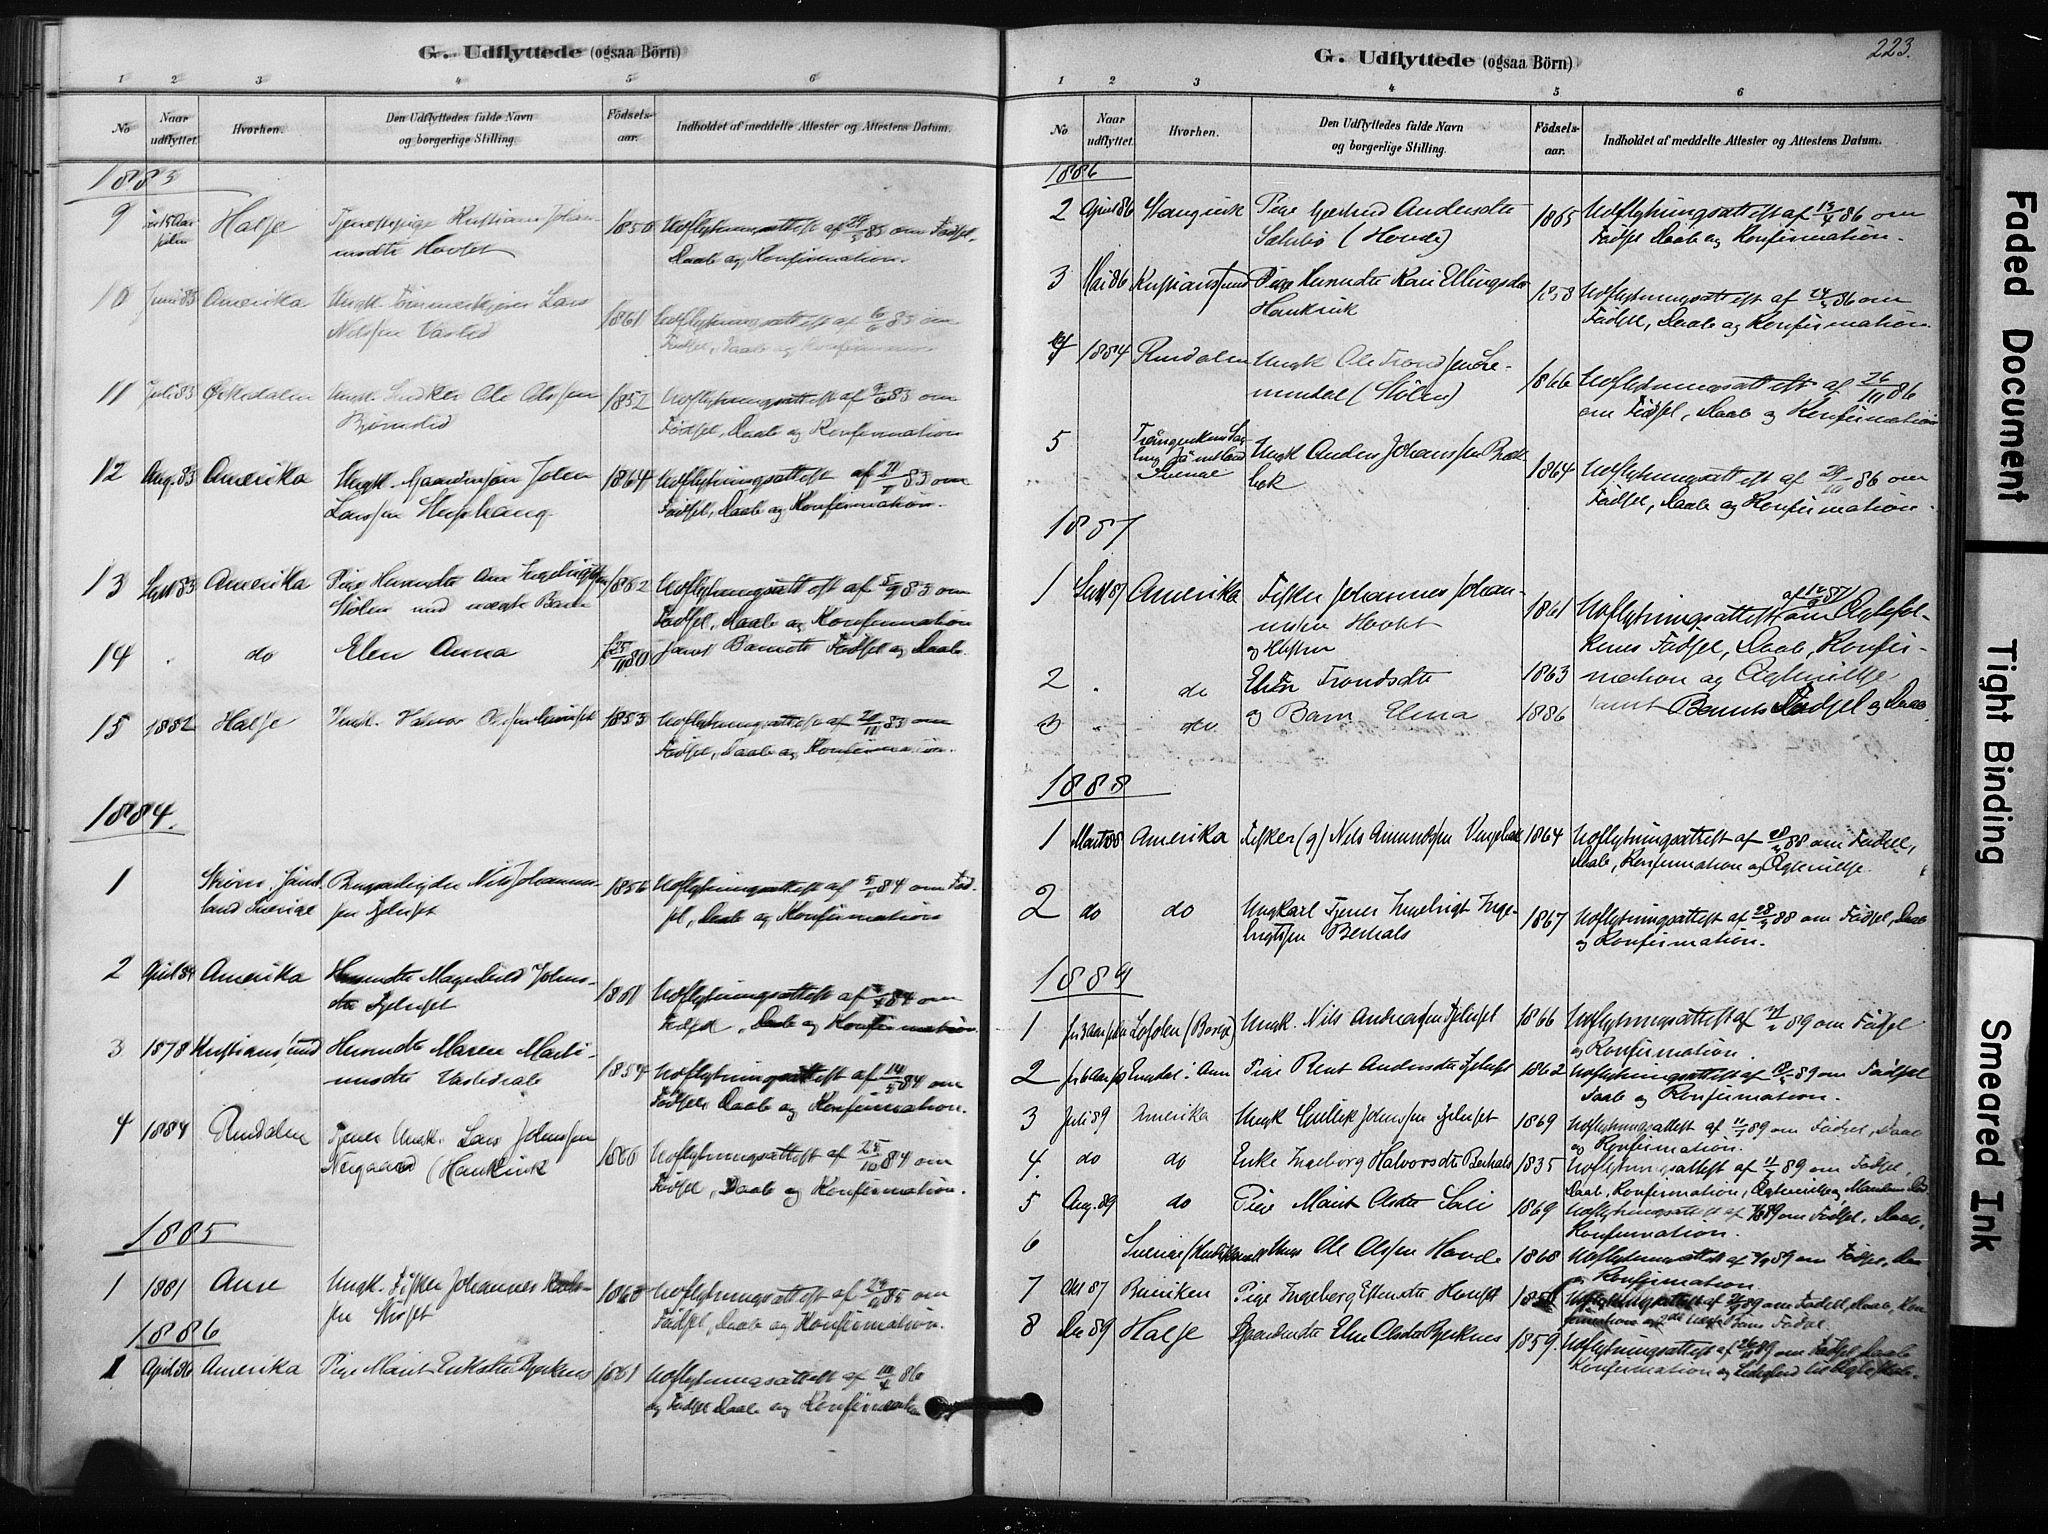 SAT, Ministerialprotokoller, klokkerbøker og fødselsregistre - Sør-Trøndelag, 631/L0512: Ministerialbok nr. 631A01, 1879-1912, s. 223